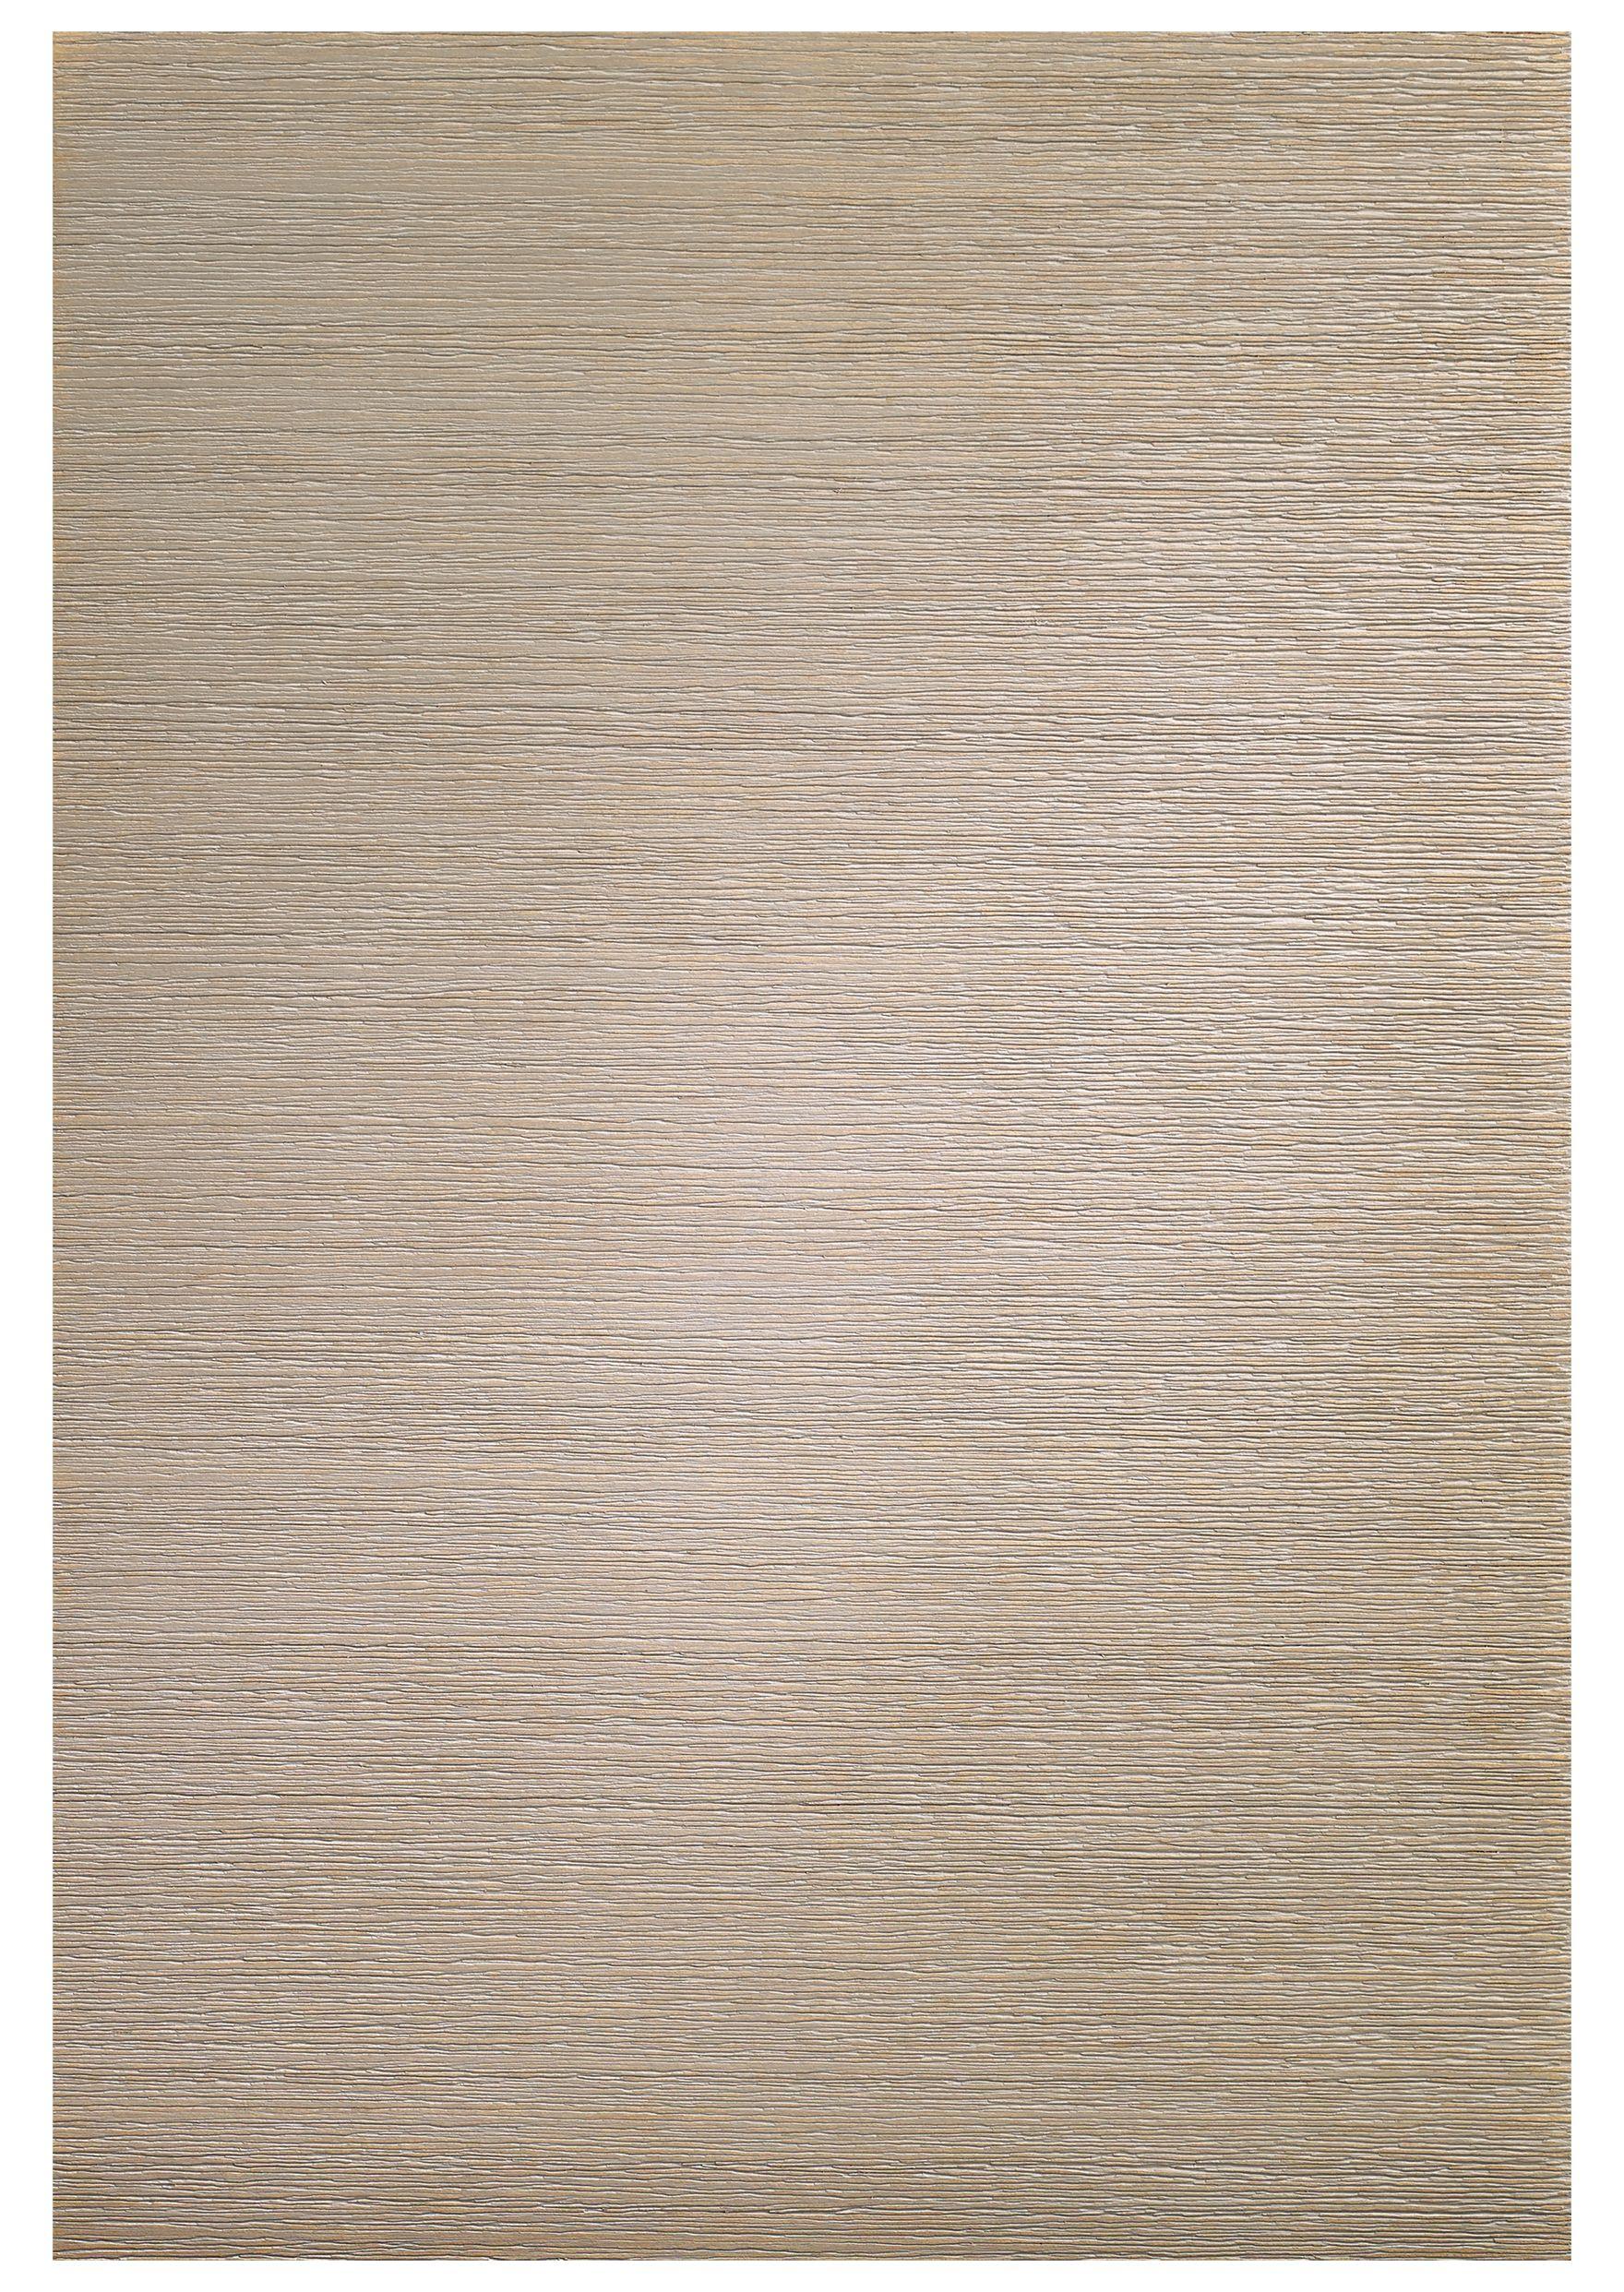 This Is Our Ridge Textured Veneer Door Show With Custom